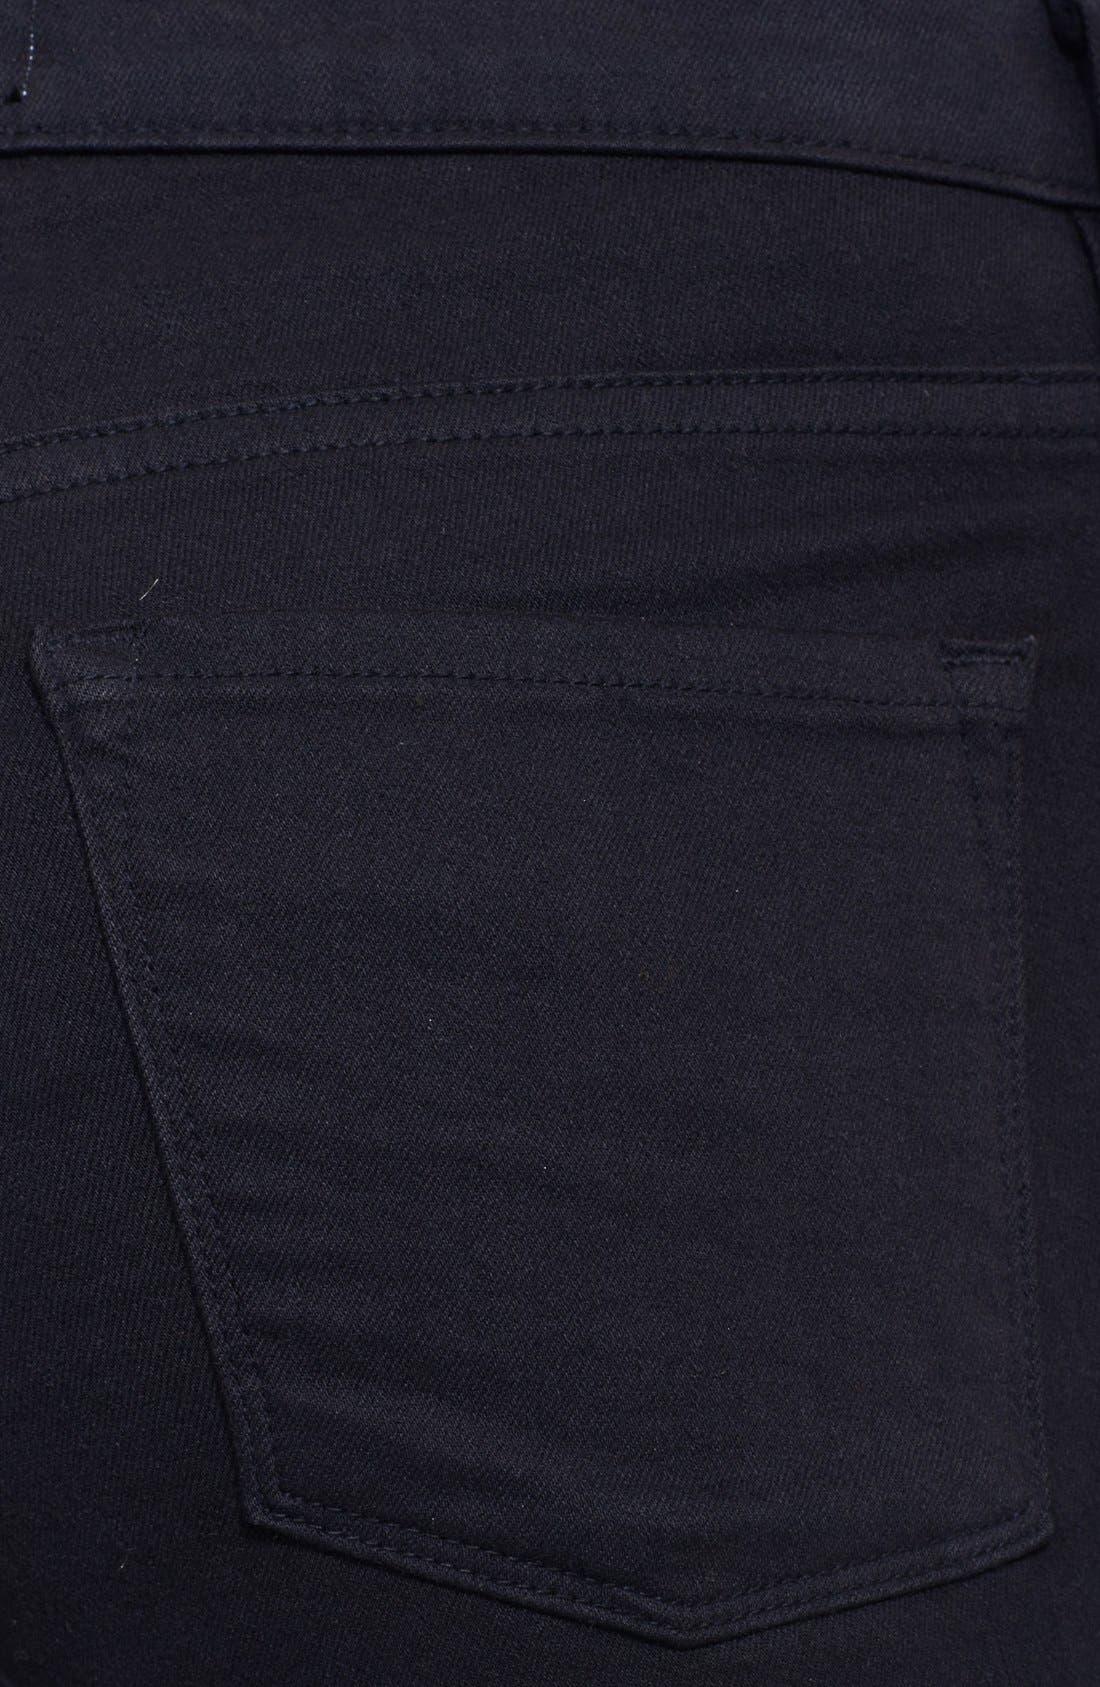 Le Color Skinny Jeans,                             Alternate thumbnail 4, color,                             FILM NOIR